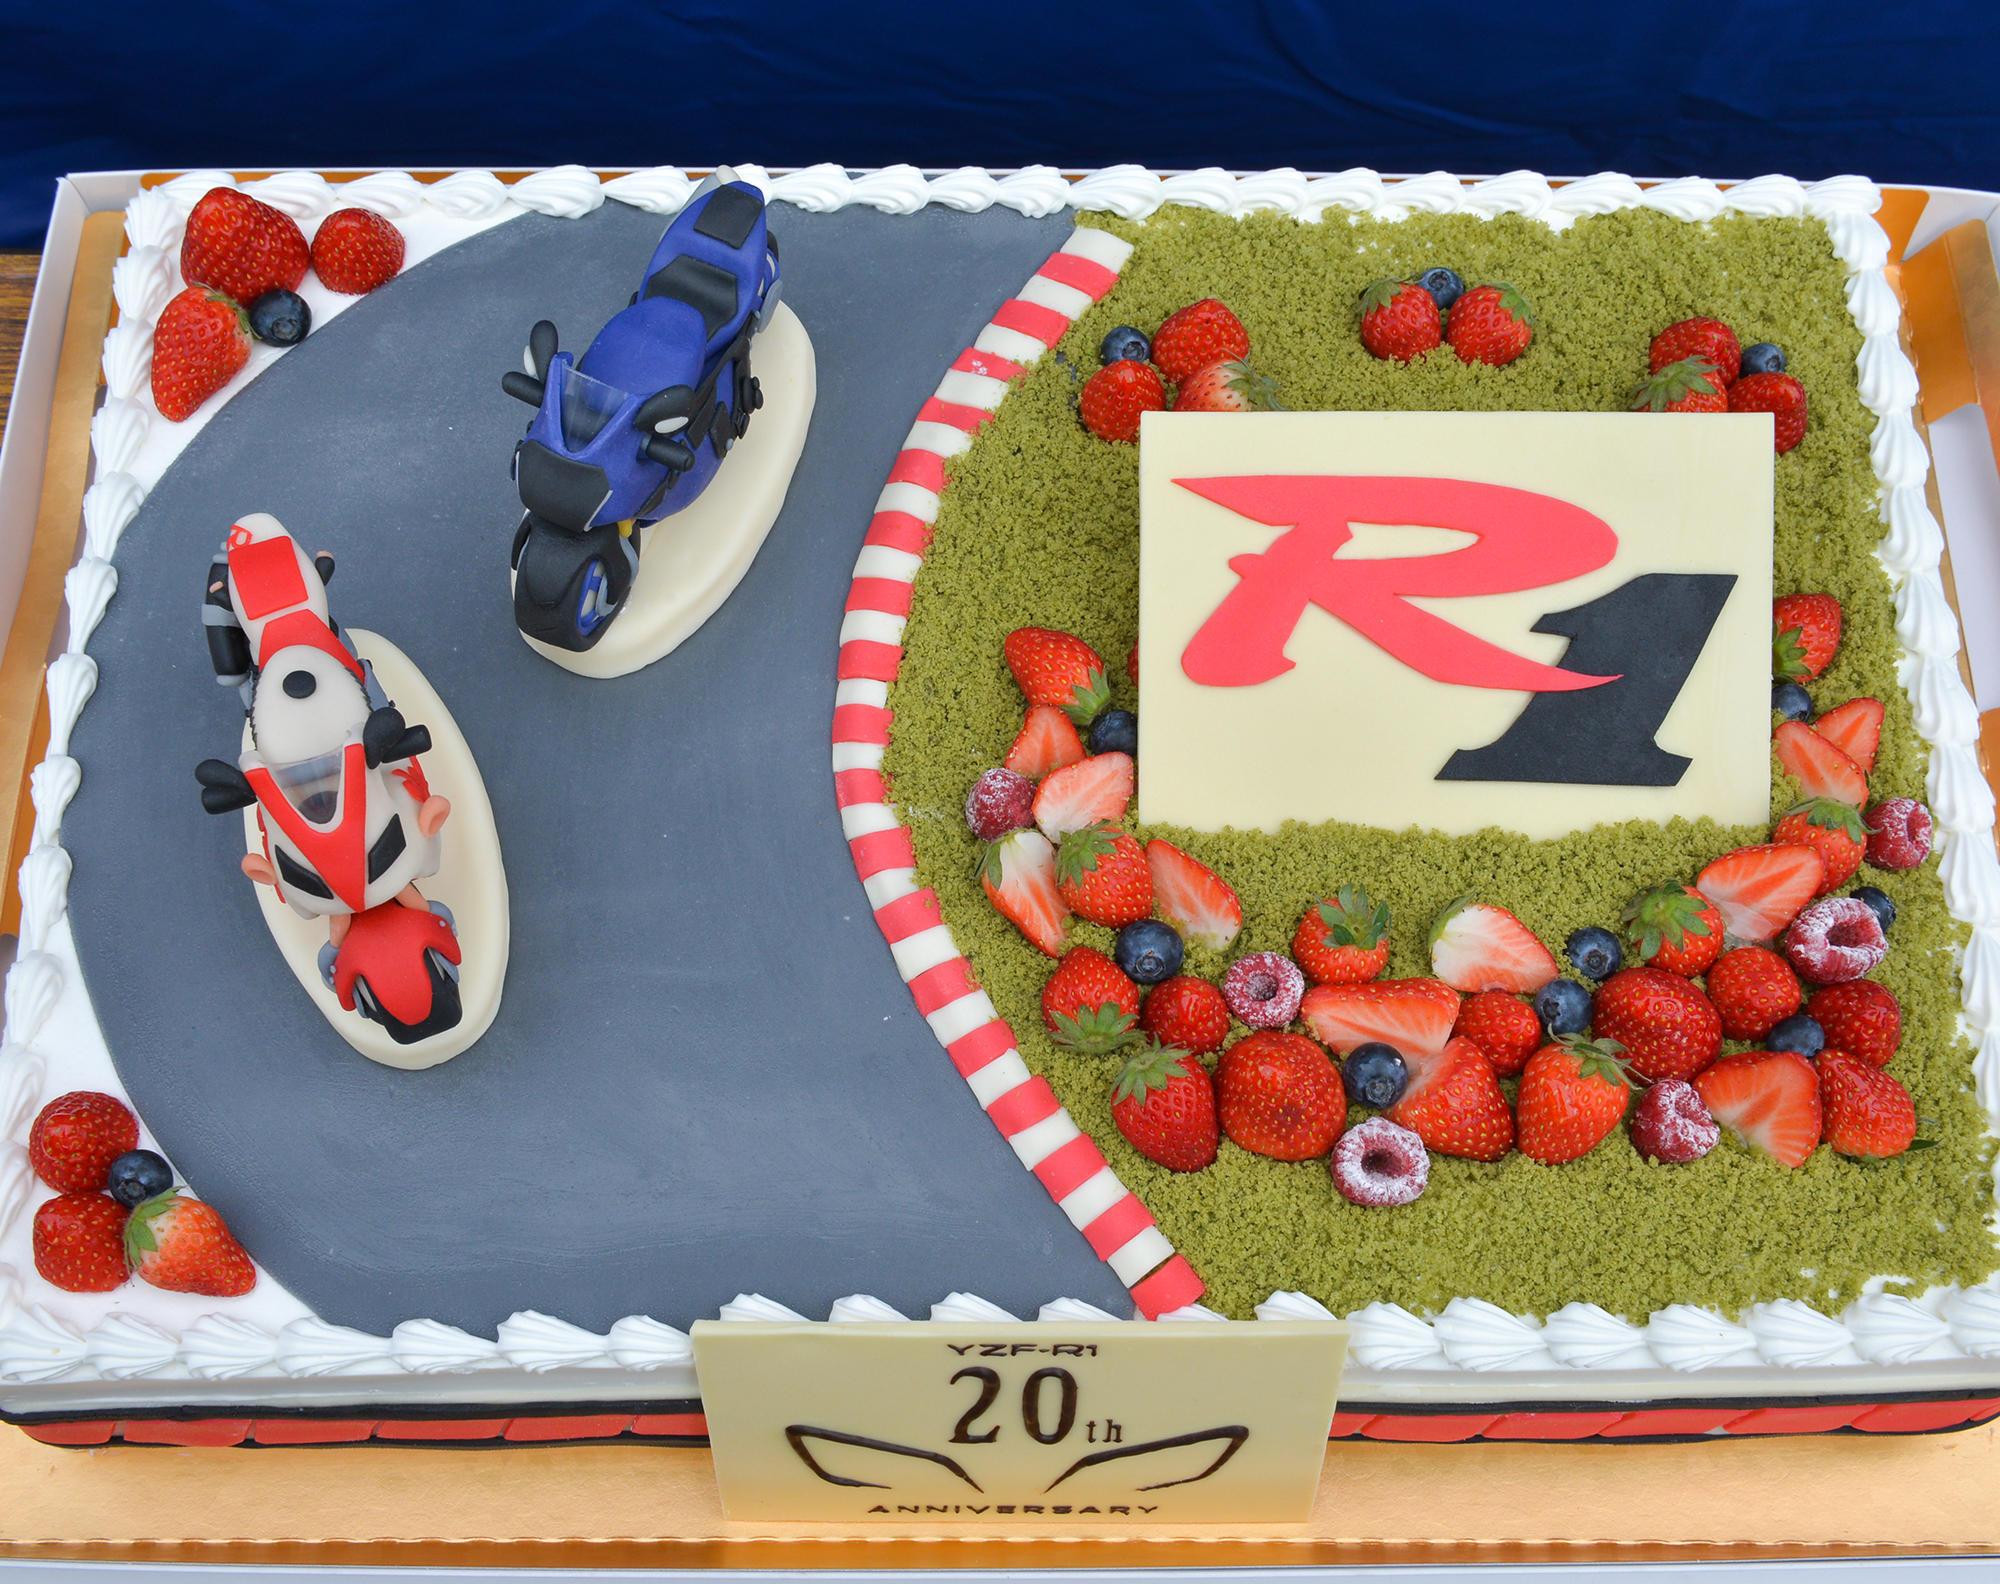 800人のファンのみなさんとYZF-R1誕生20周年を祝福。おいし〜くて楽しい♫ YZF-Rオーナーズミーティング開催レポ(その6:オーナーさん紹介)